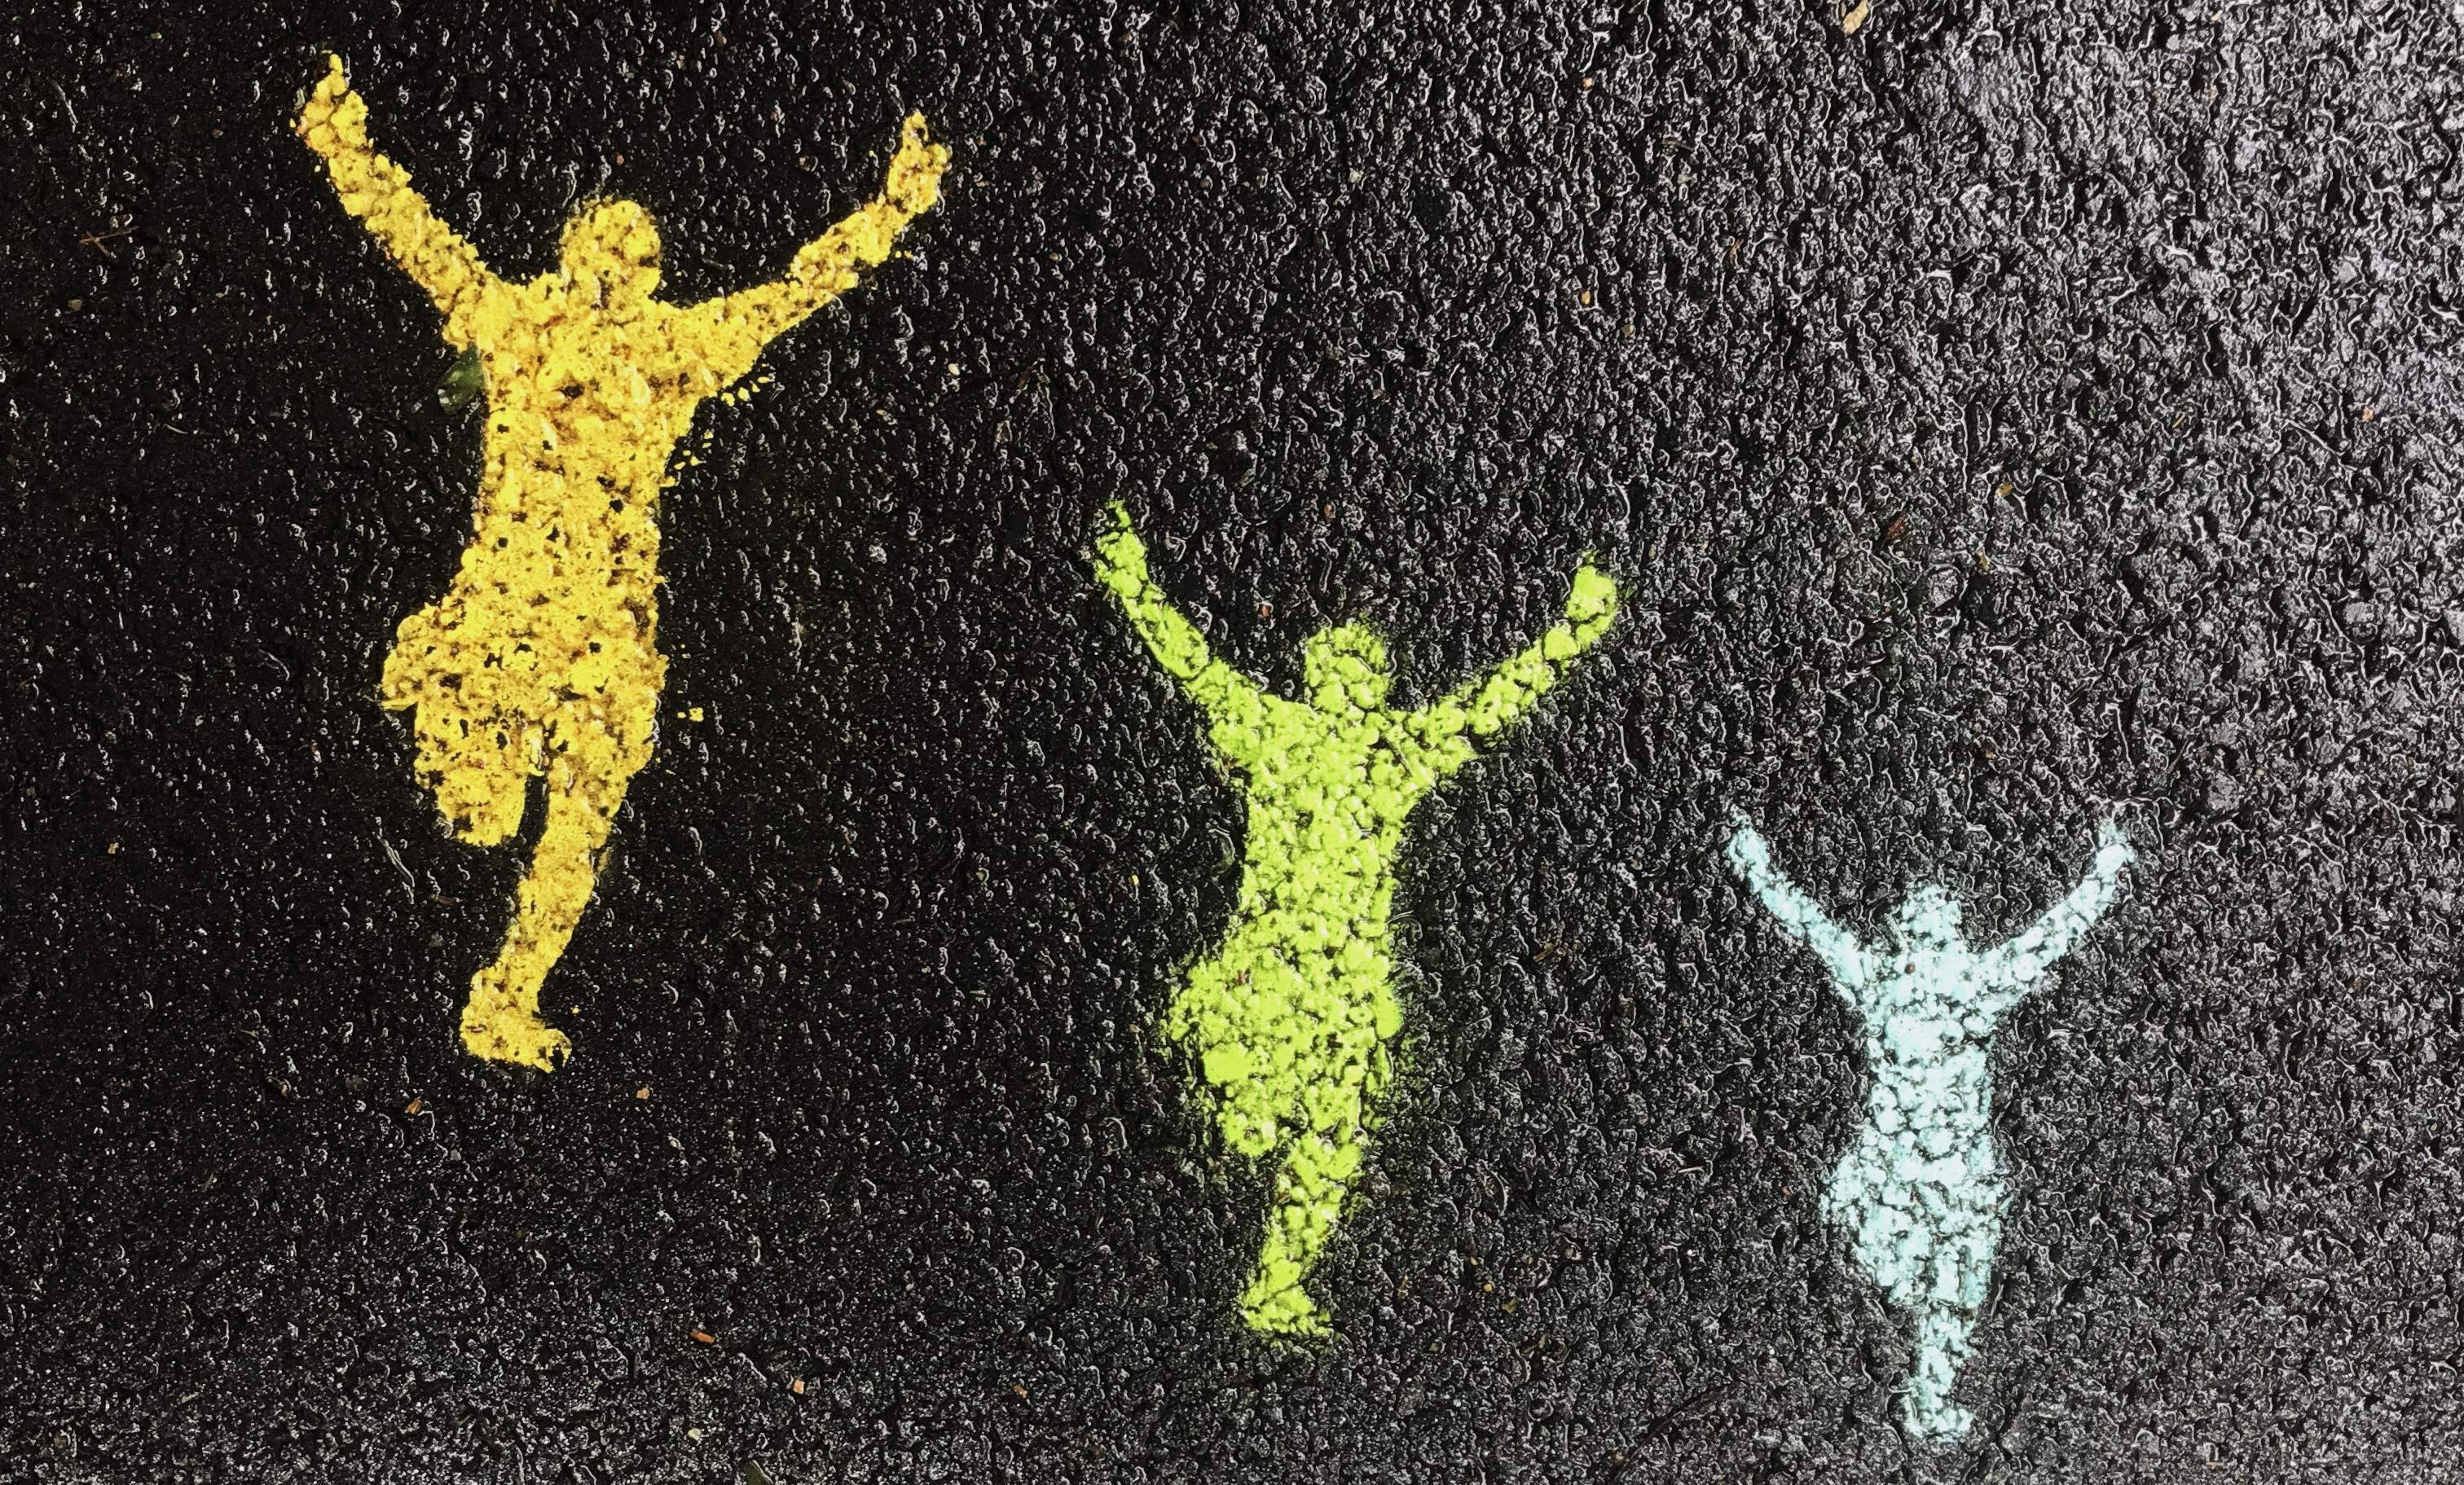 Peinture de trois personnes en train de sauter